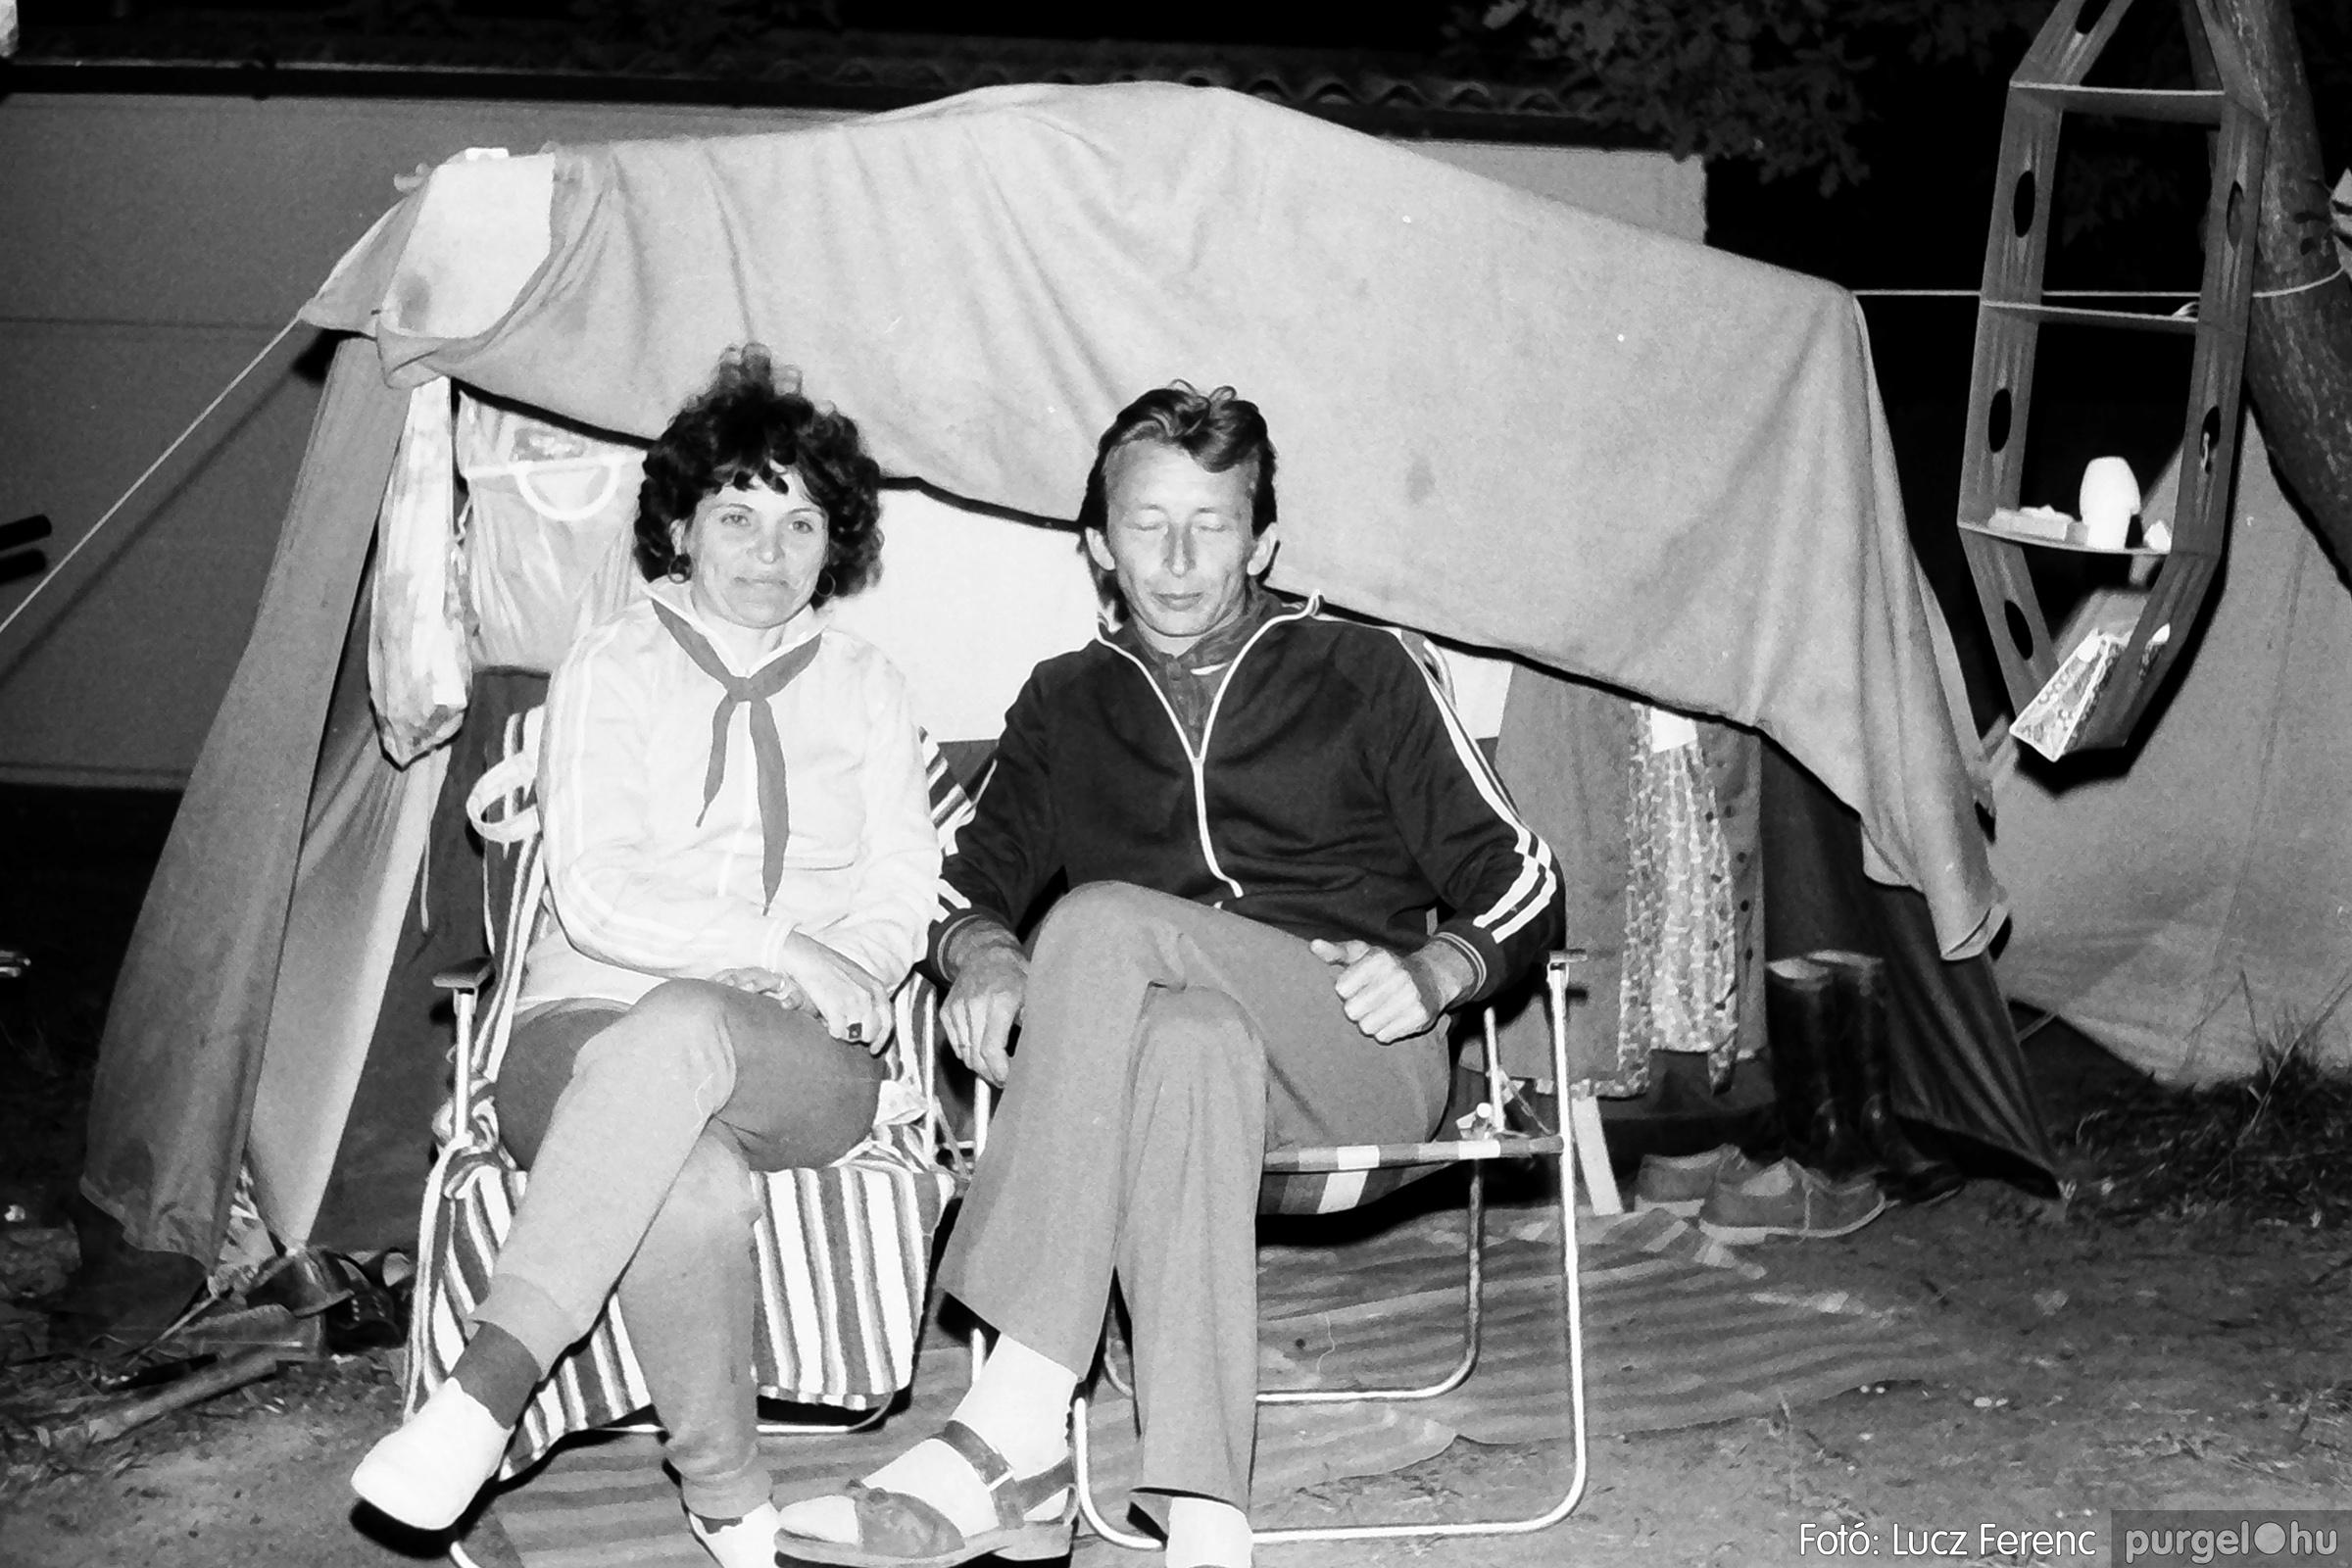 086, 088. 1977. Nyári tábor a Mátrában 058. - Fotó: Lucz Ferenc.jpg